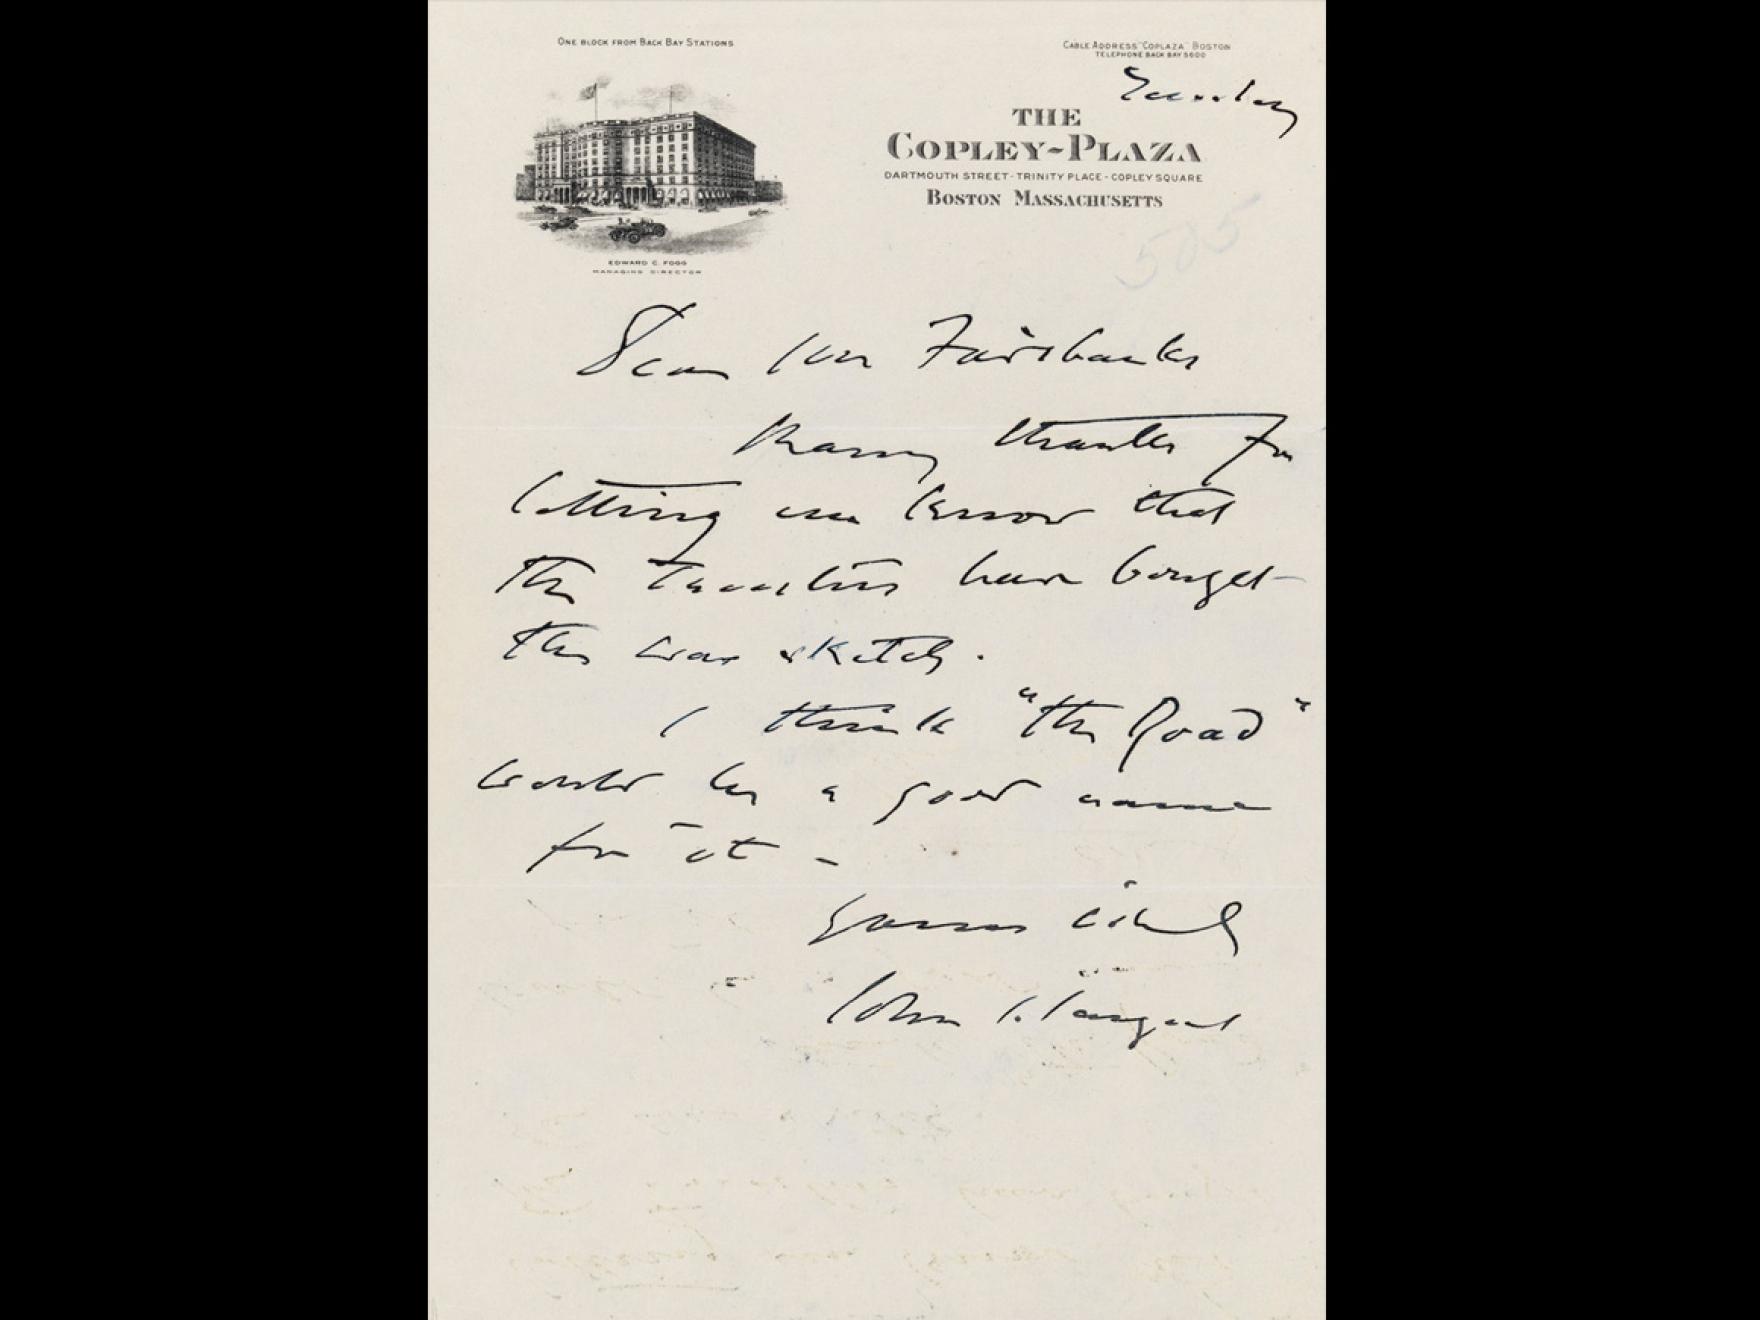 John Singer Sargent to Mr. Clark, Nov 23, 1923